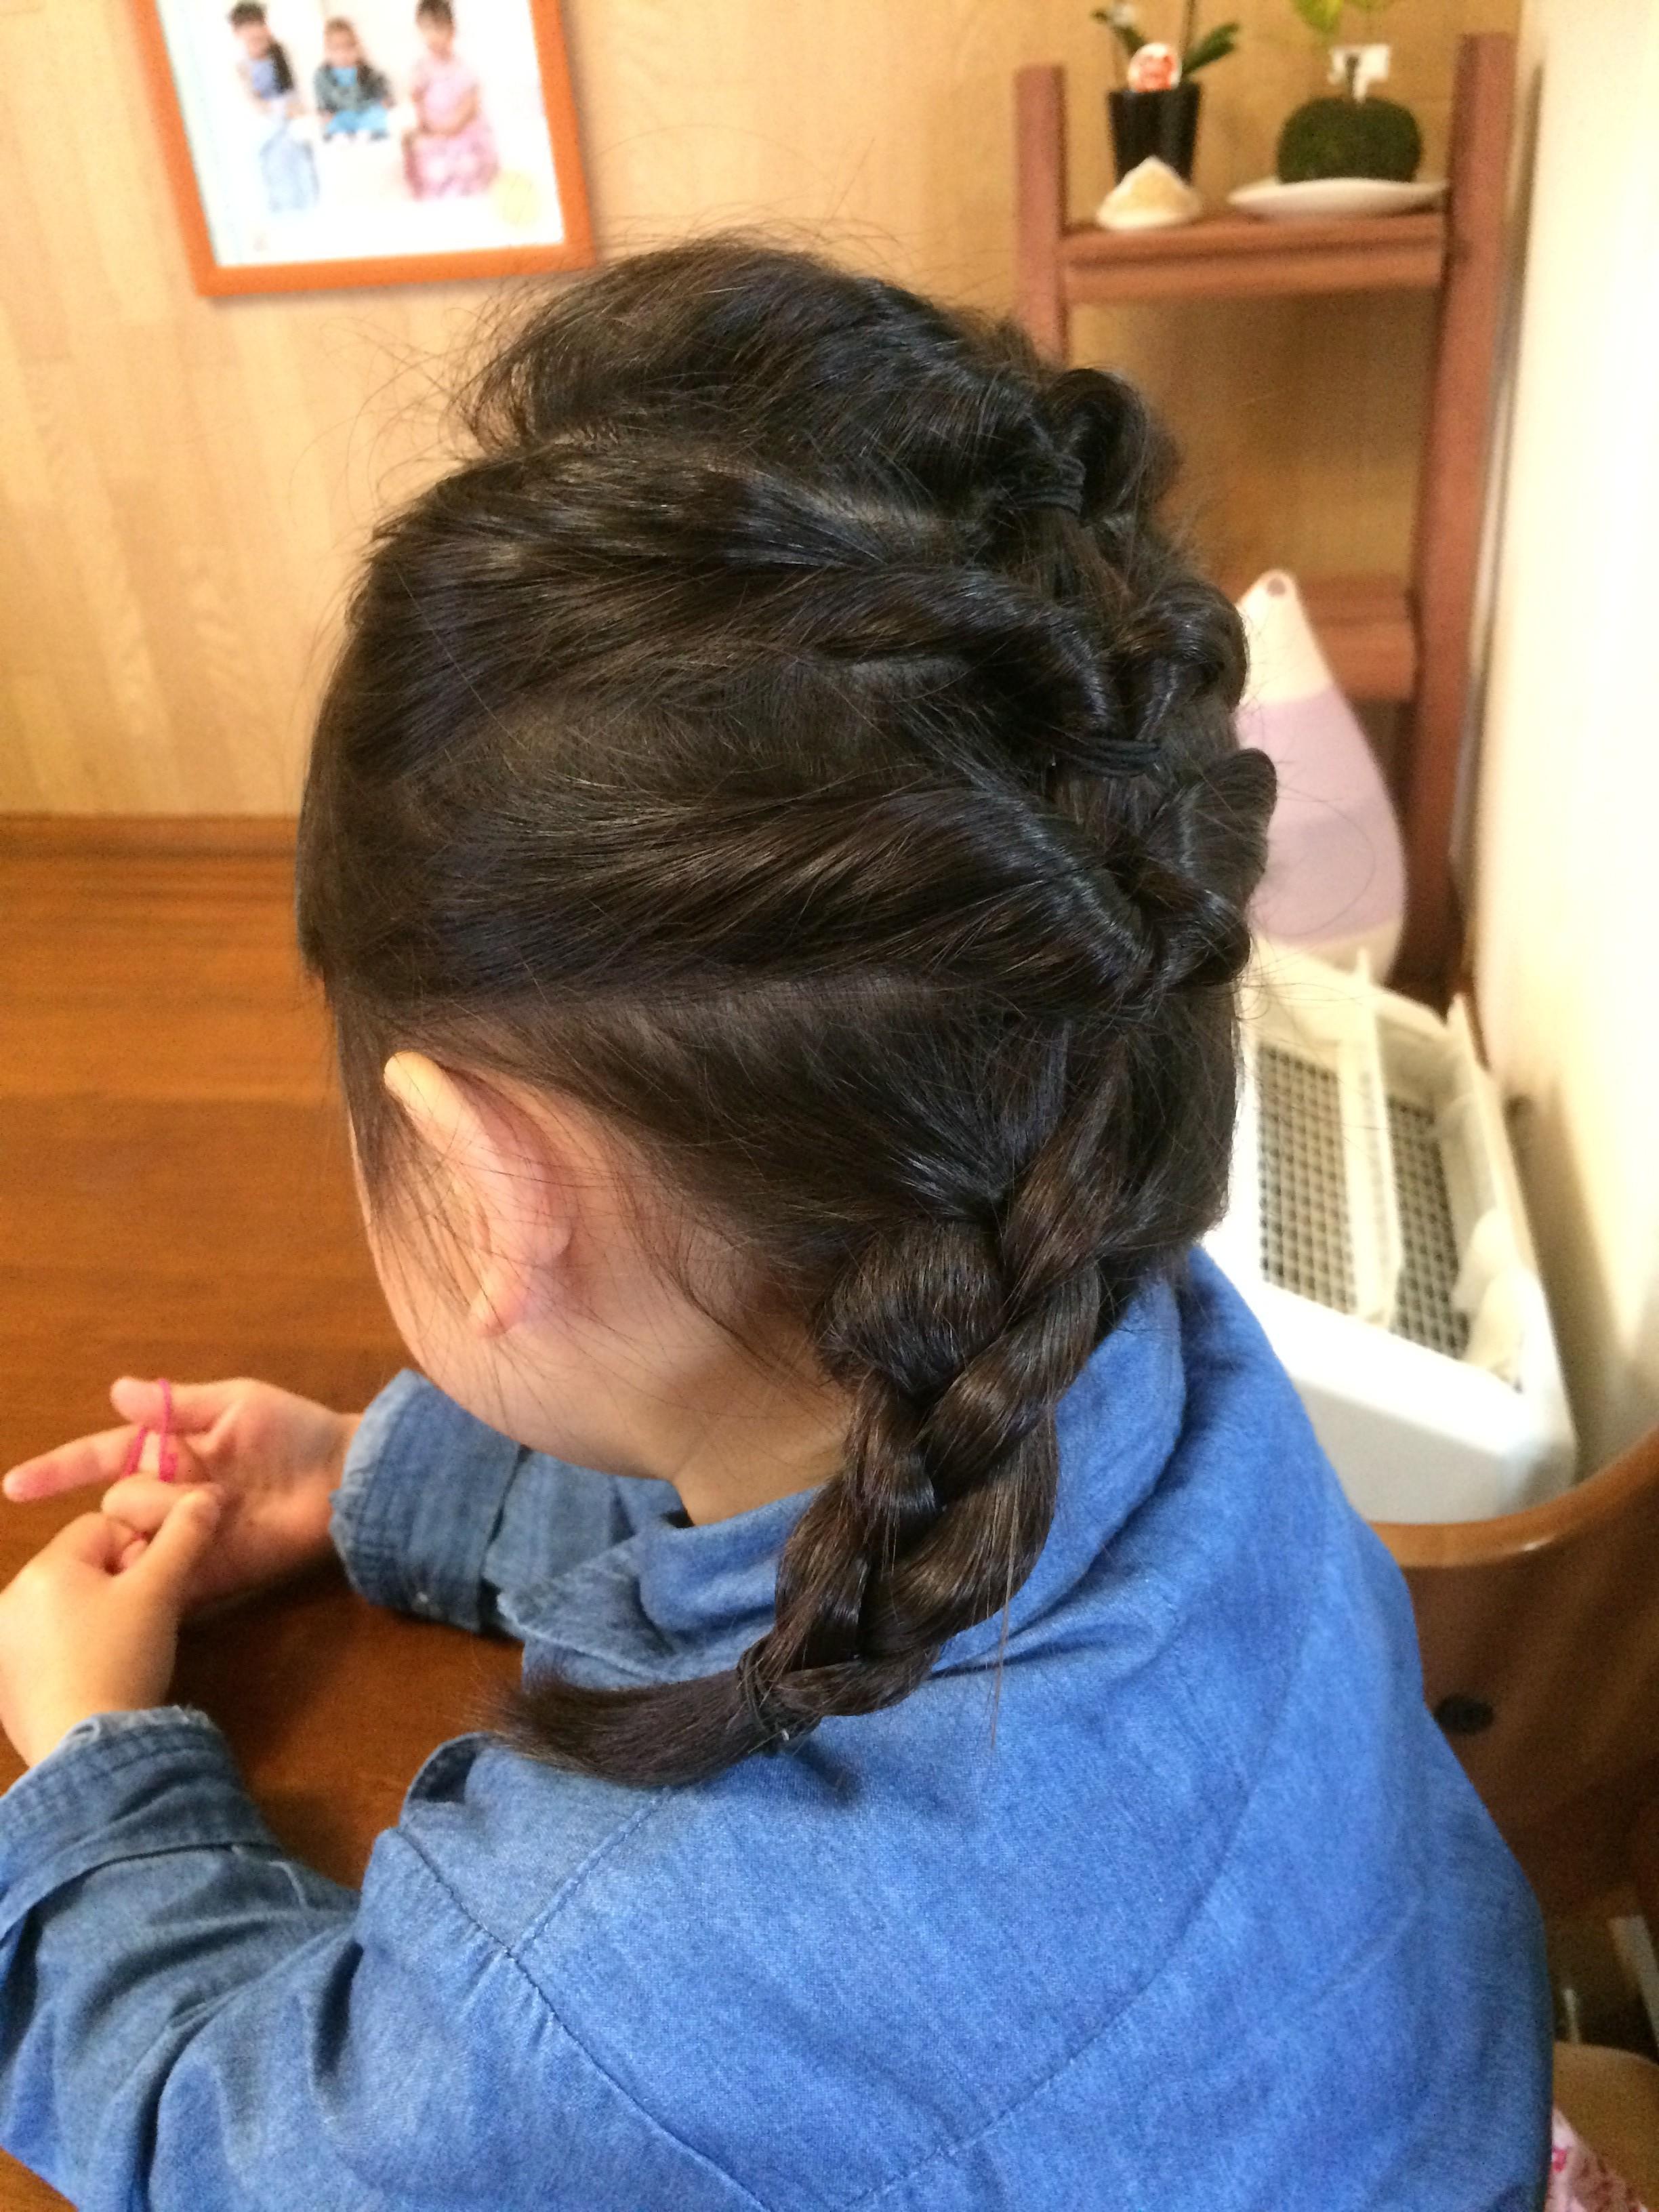 エルサの髪型って後ろで編み込み\u2026 簡単なようで難しいですよね。 子どもの髪の毛ってサラサラしてるし少ないし、  ところどころ短いから編みながらパラパラ落ちてき